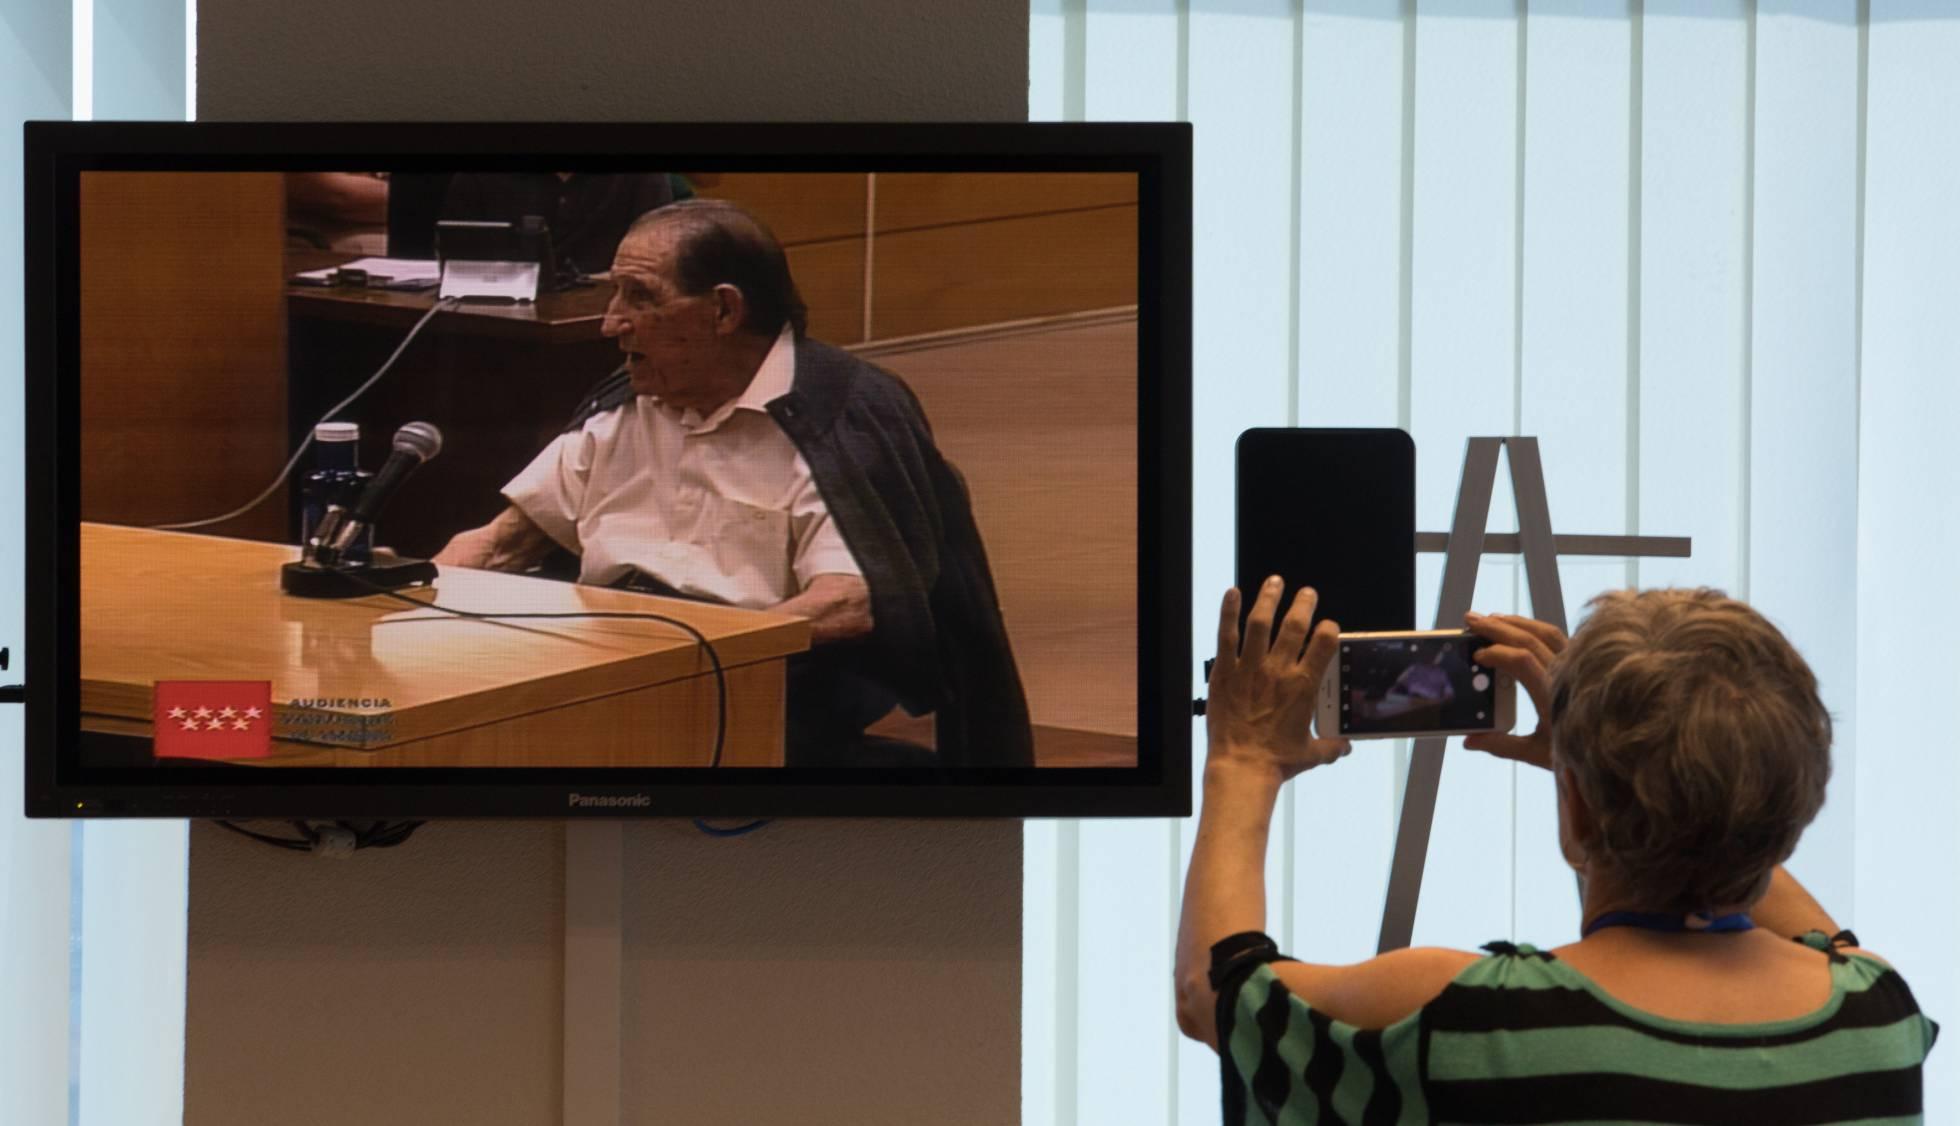 Los jueces absuelven por prescripción al doctor acusado del 'caso de los bebés robados'